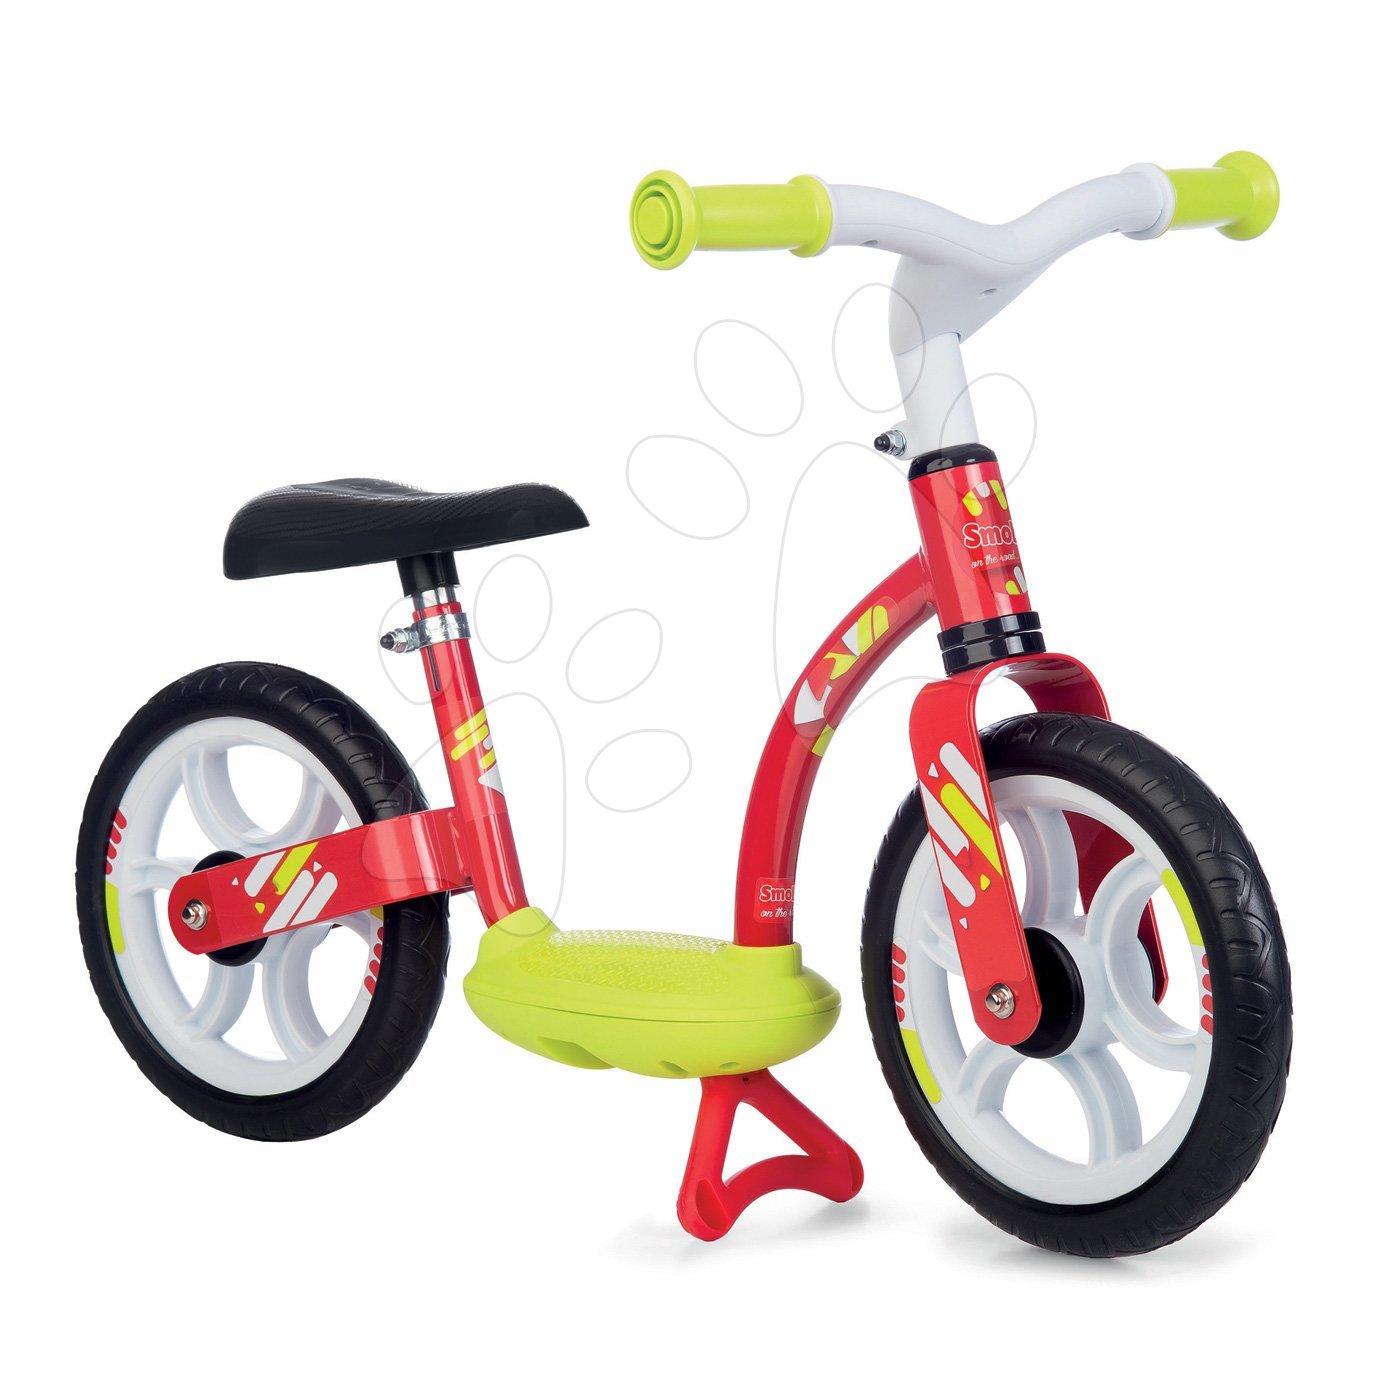 Balančné odrážadlo Balance Bike Comfort Red Smoby s kovovou konštrukciou a výškovo nastaviteľným sedadlom od 24 mes